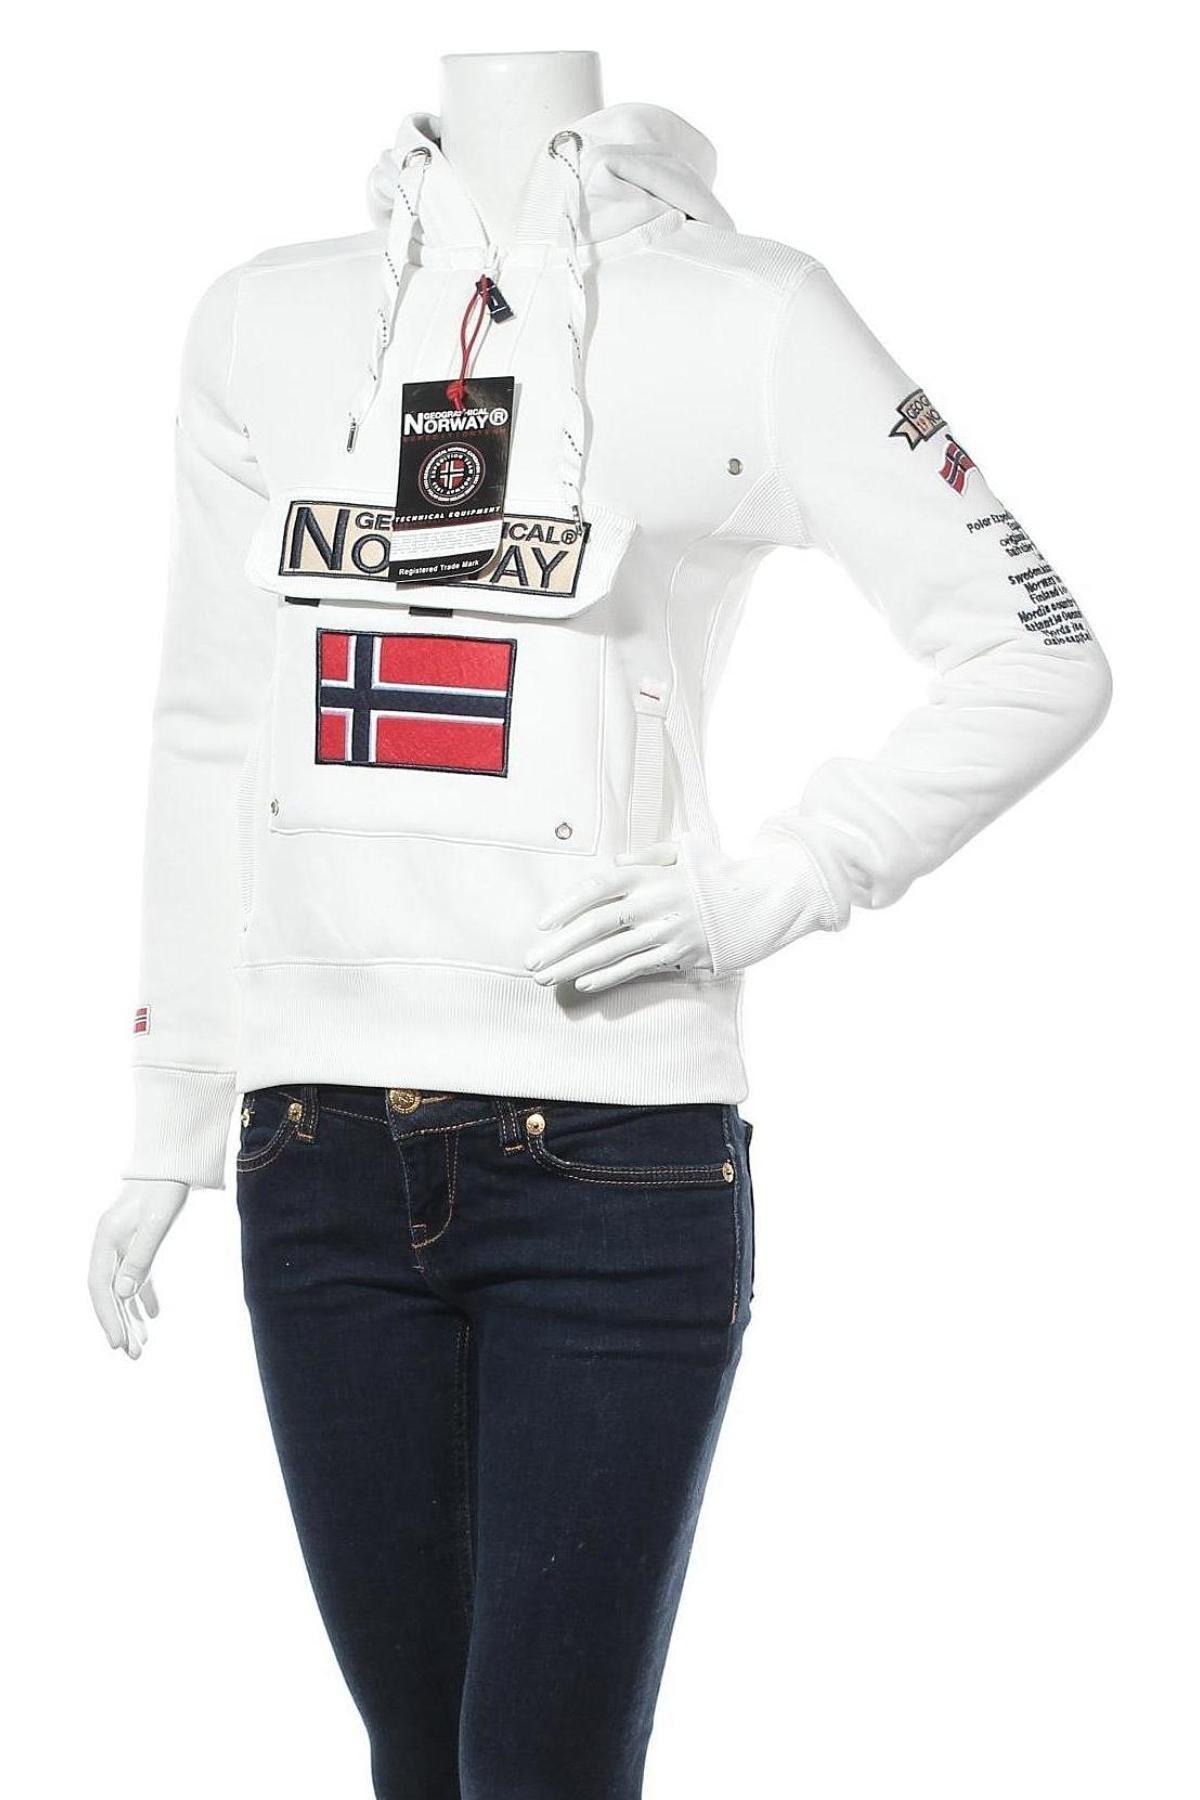 Γυναικείο φούτερ Geographical Norway, Μέγεθος S, Χρώμα Λευκό, 65% βαμβάκι, 35% πολυεστέρας, Τιμή 37,89€